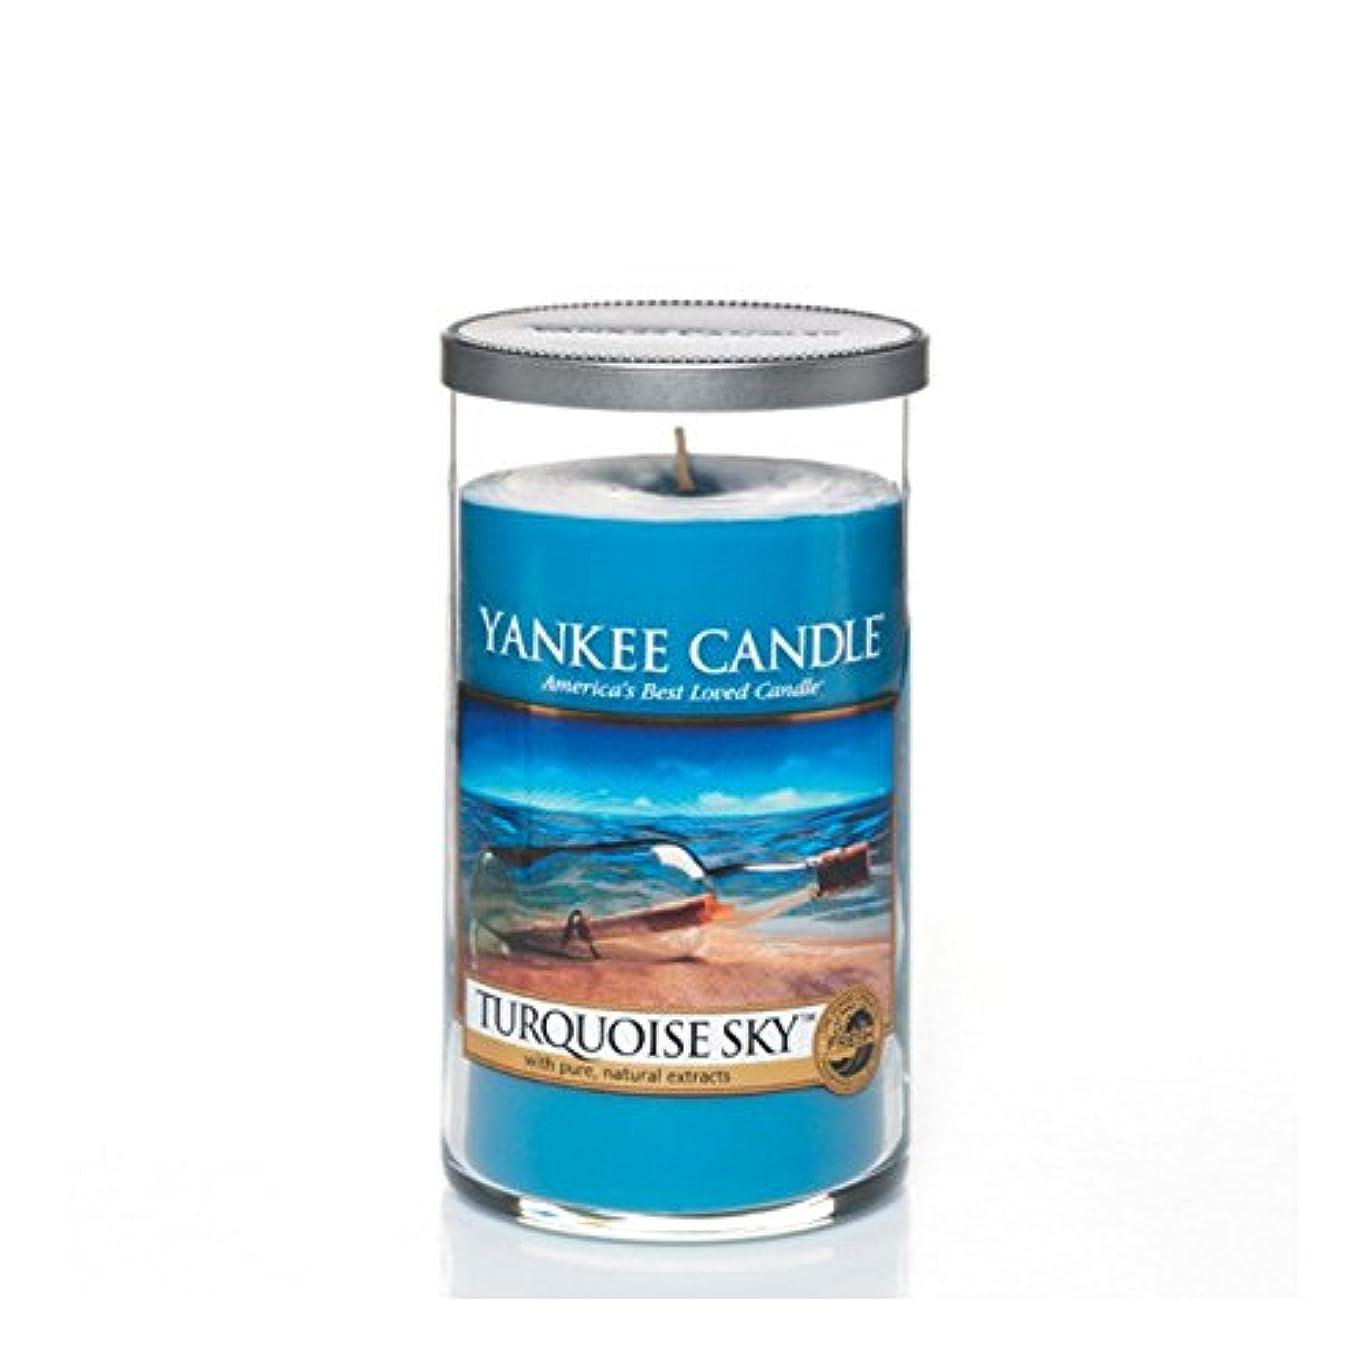 増強する献身九時四十五分Yankee Candles Medium Pillar Candle - Turquoise Sky (Pack of 6) - ヤンキーキャンドルメディアピラーキャンドル - ターコイズの空 (x6) [並行輸入品]